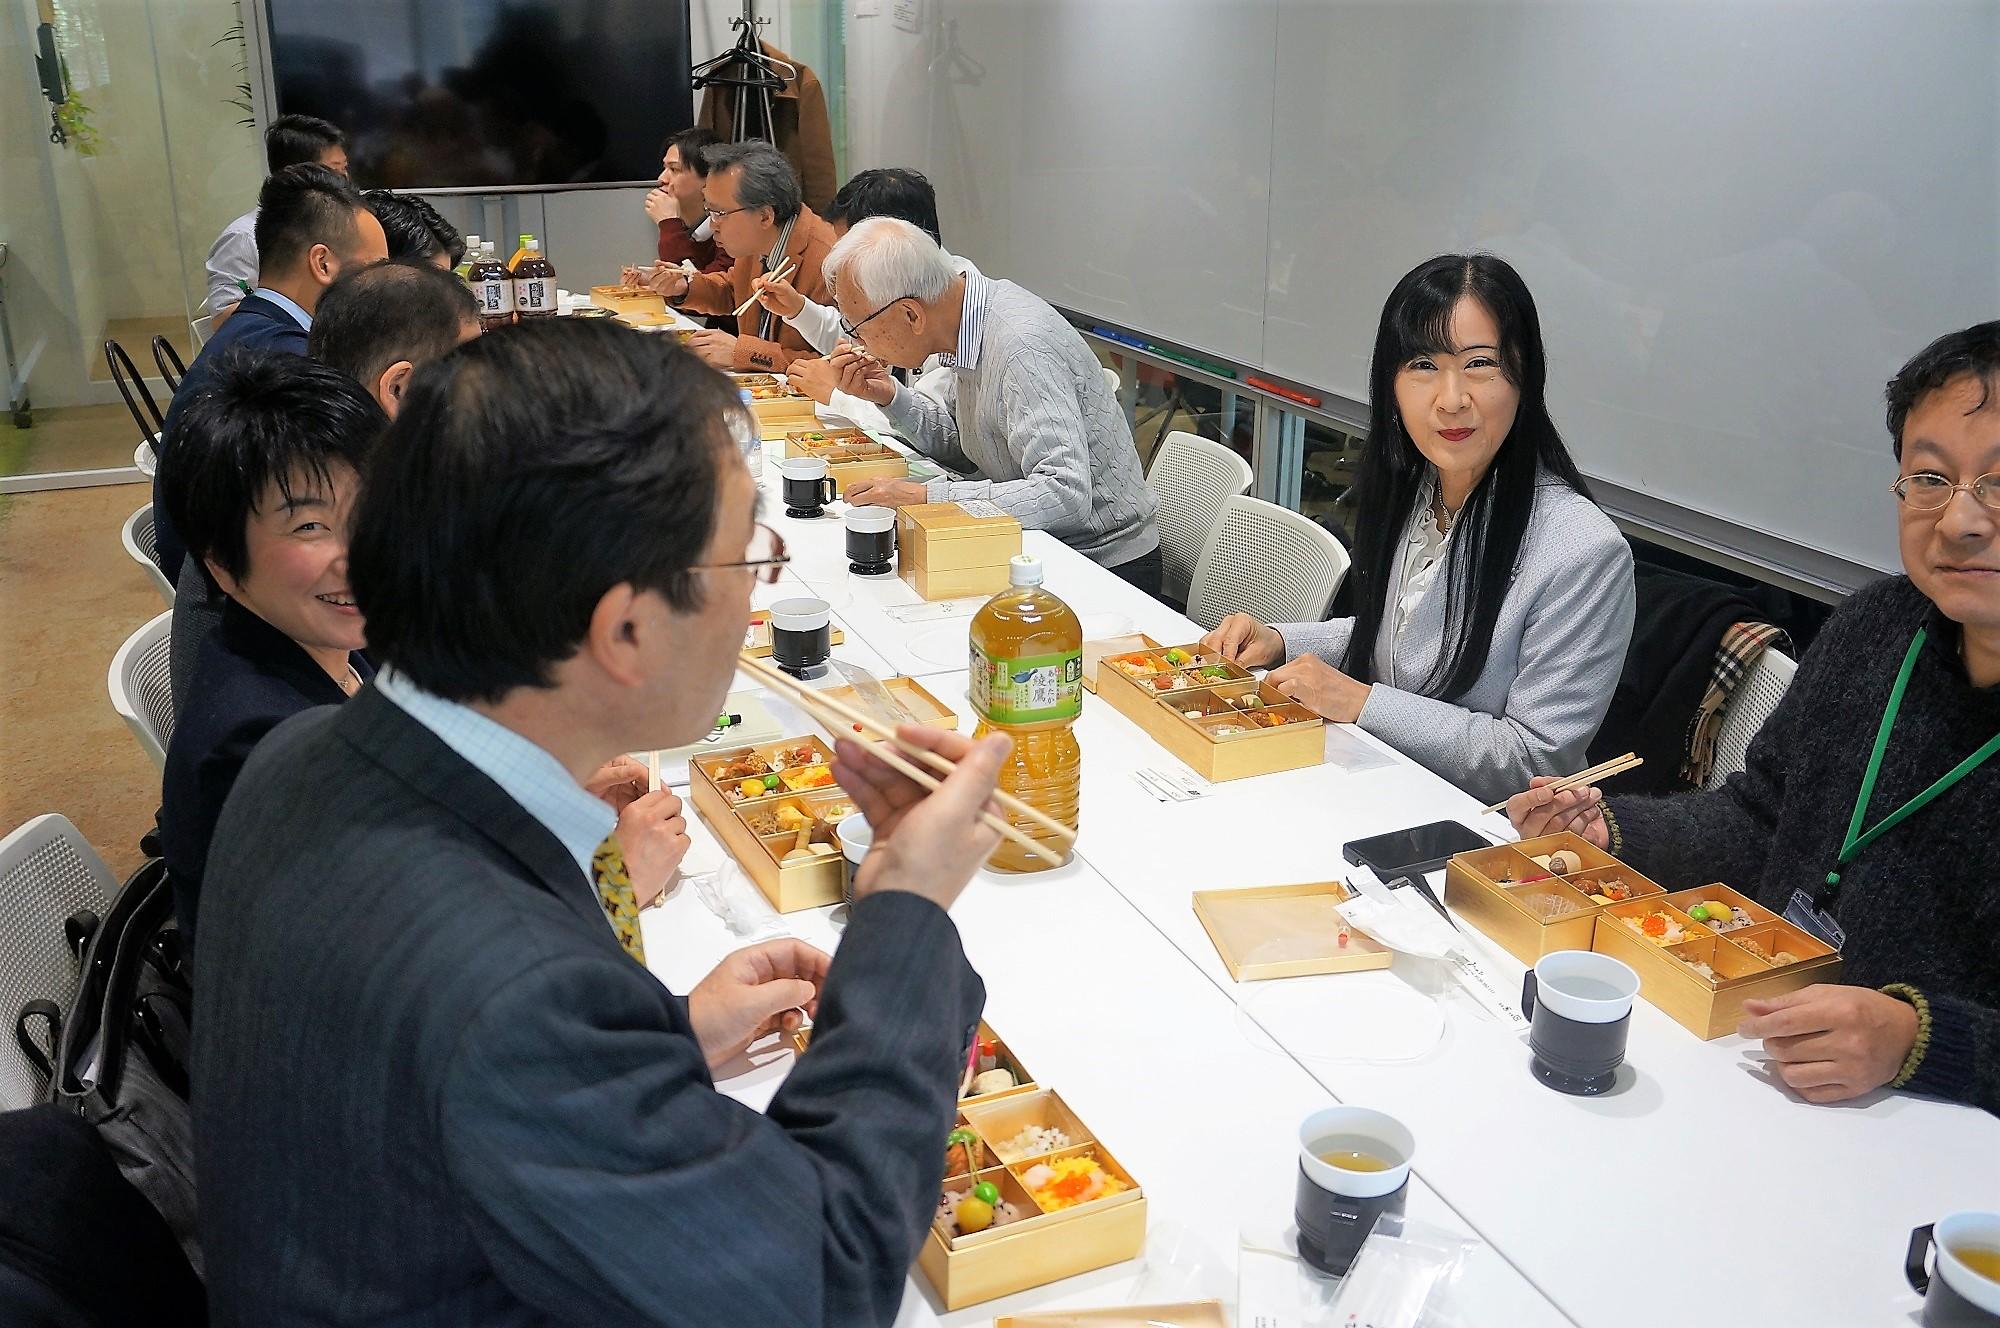 東京 起業家交流会 経営者交流会